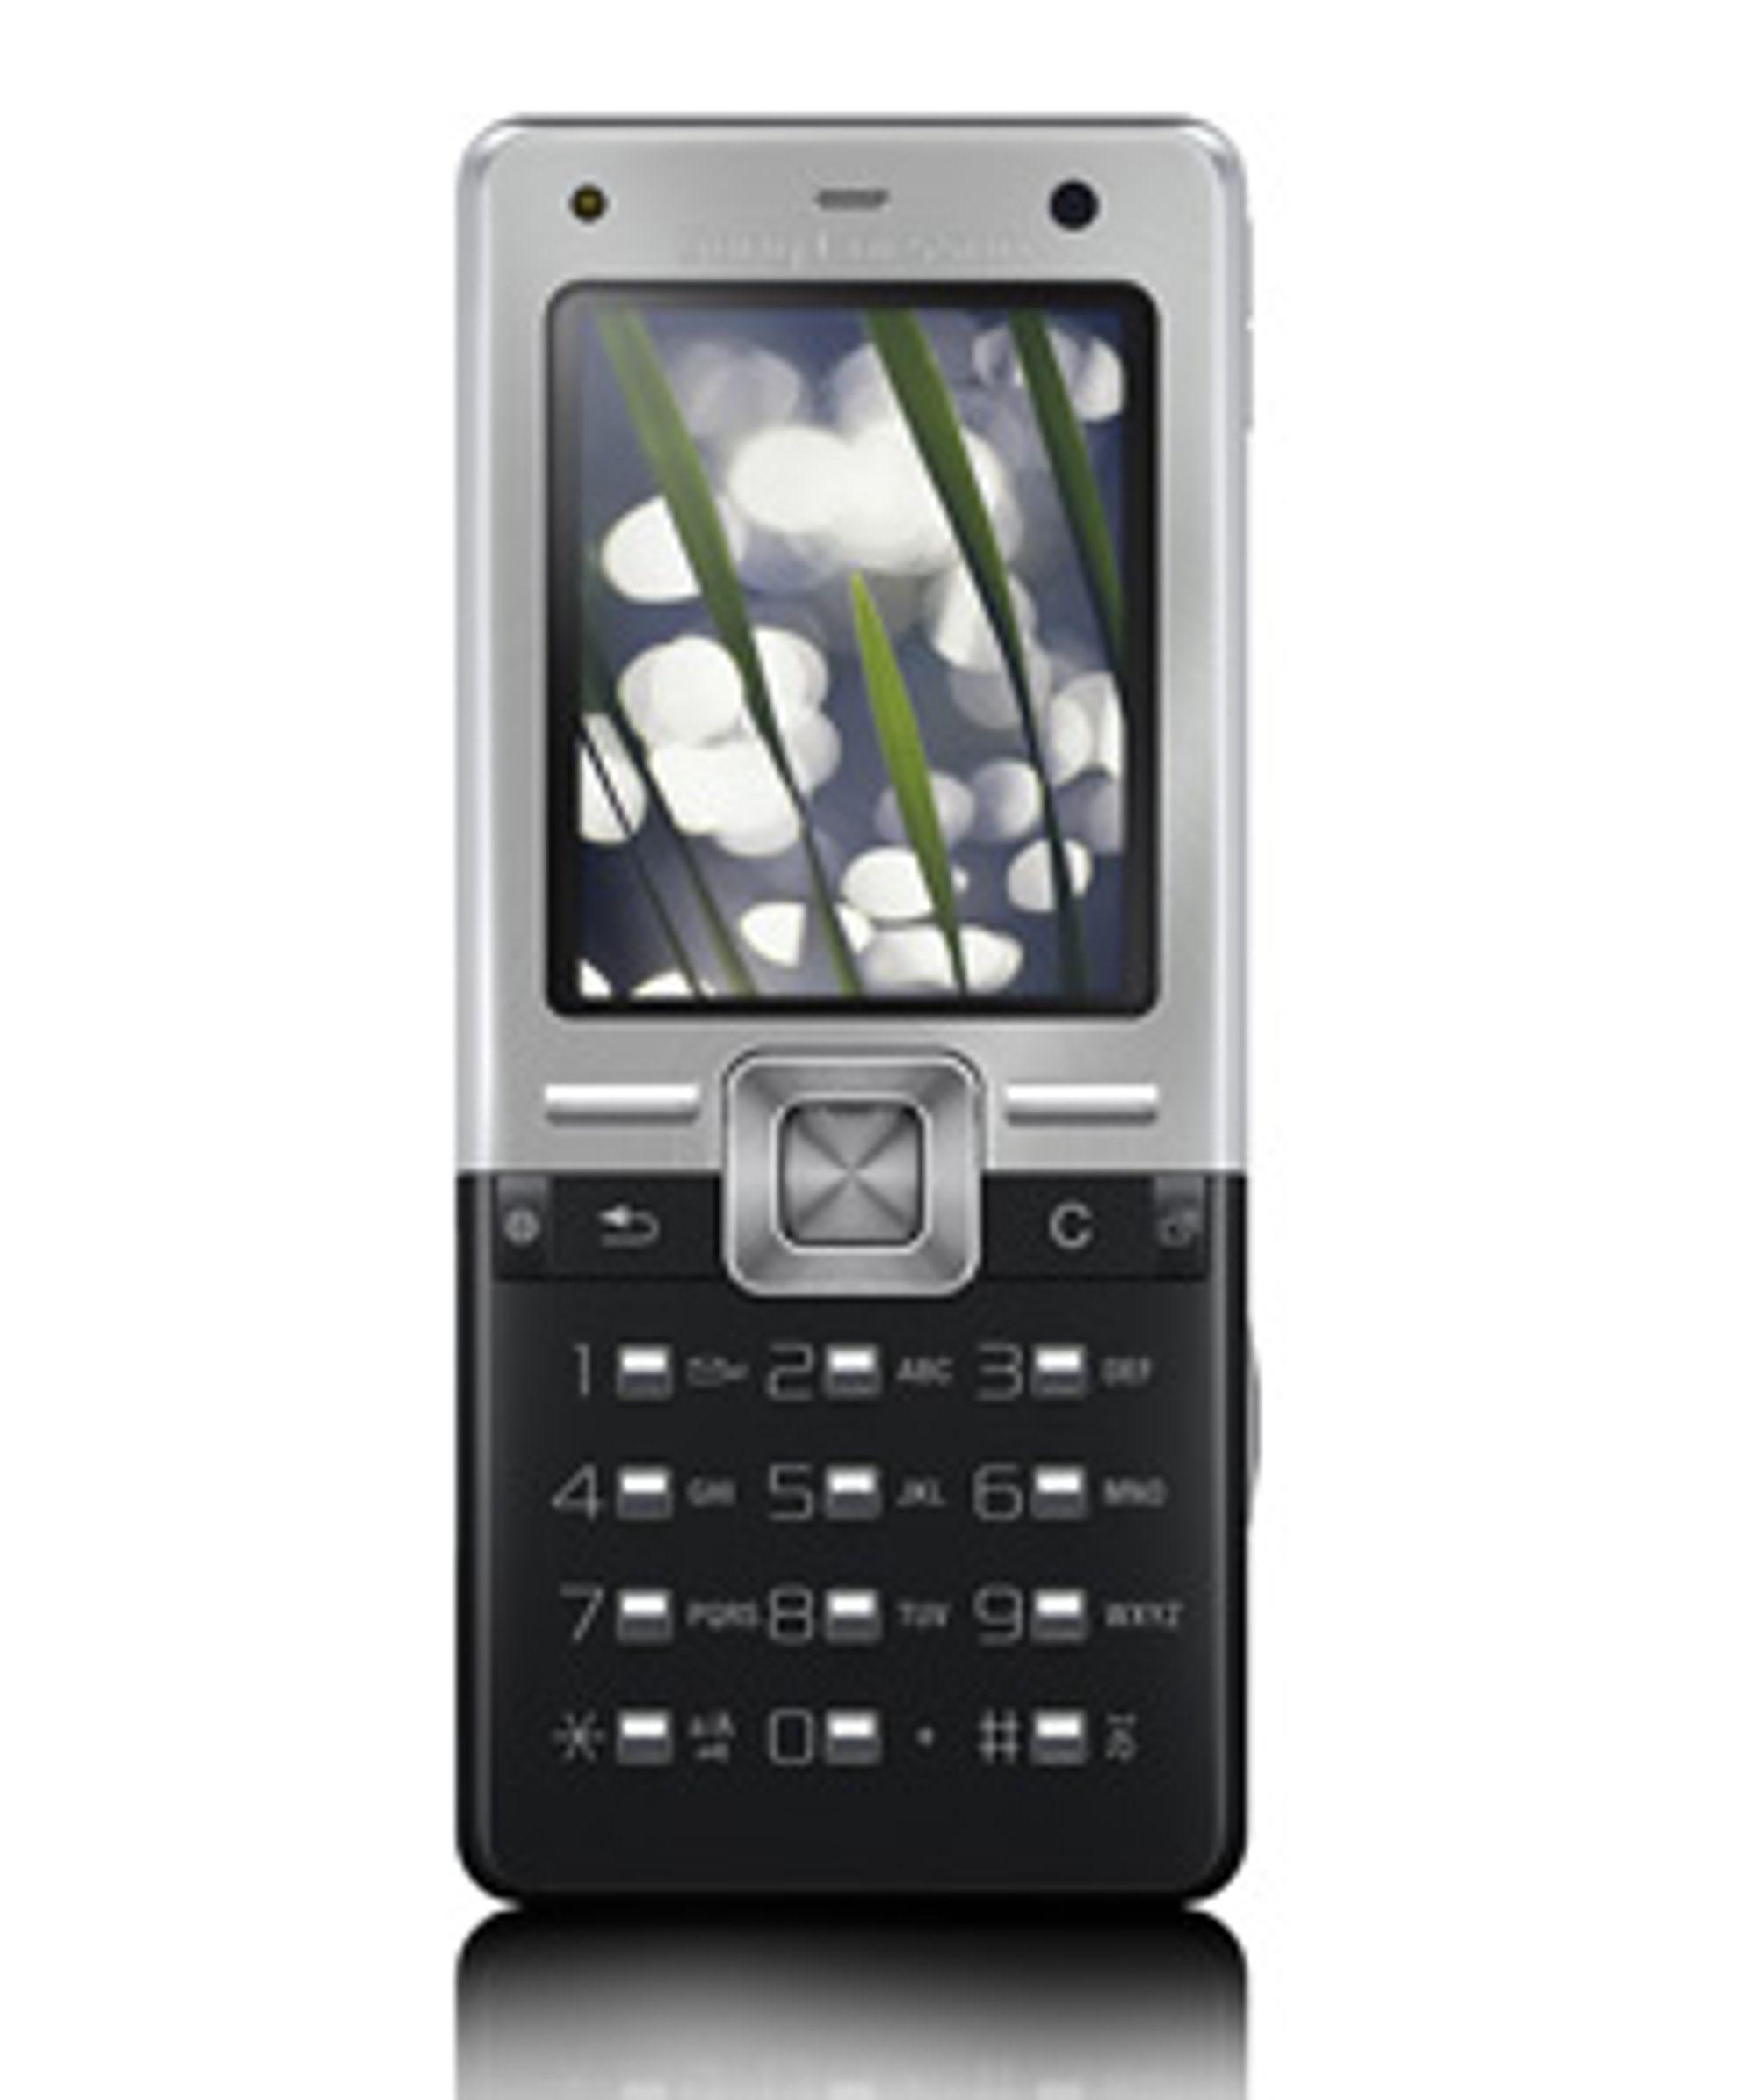 Sony Ericsson T650i er verst på stråling. (Foto: Sony Ericsson)